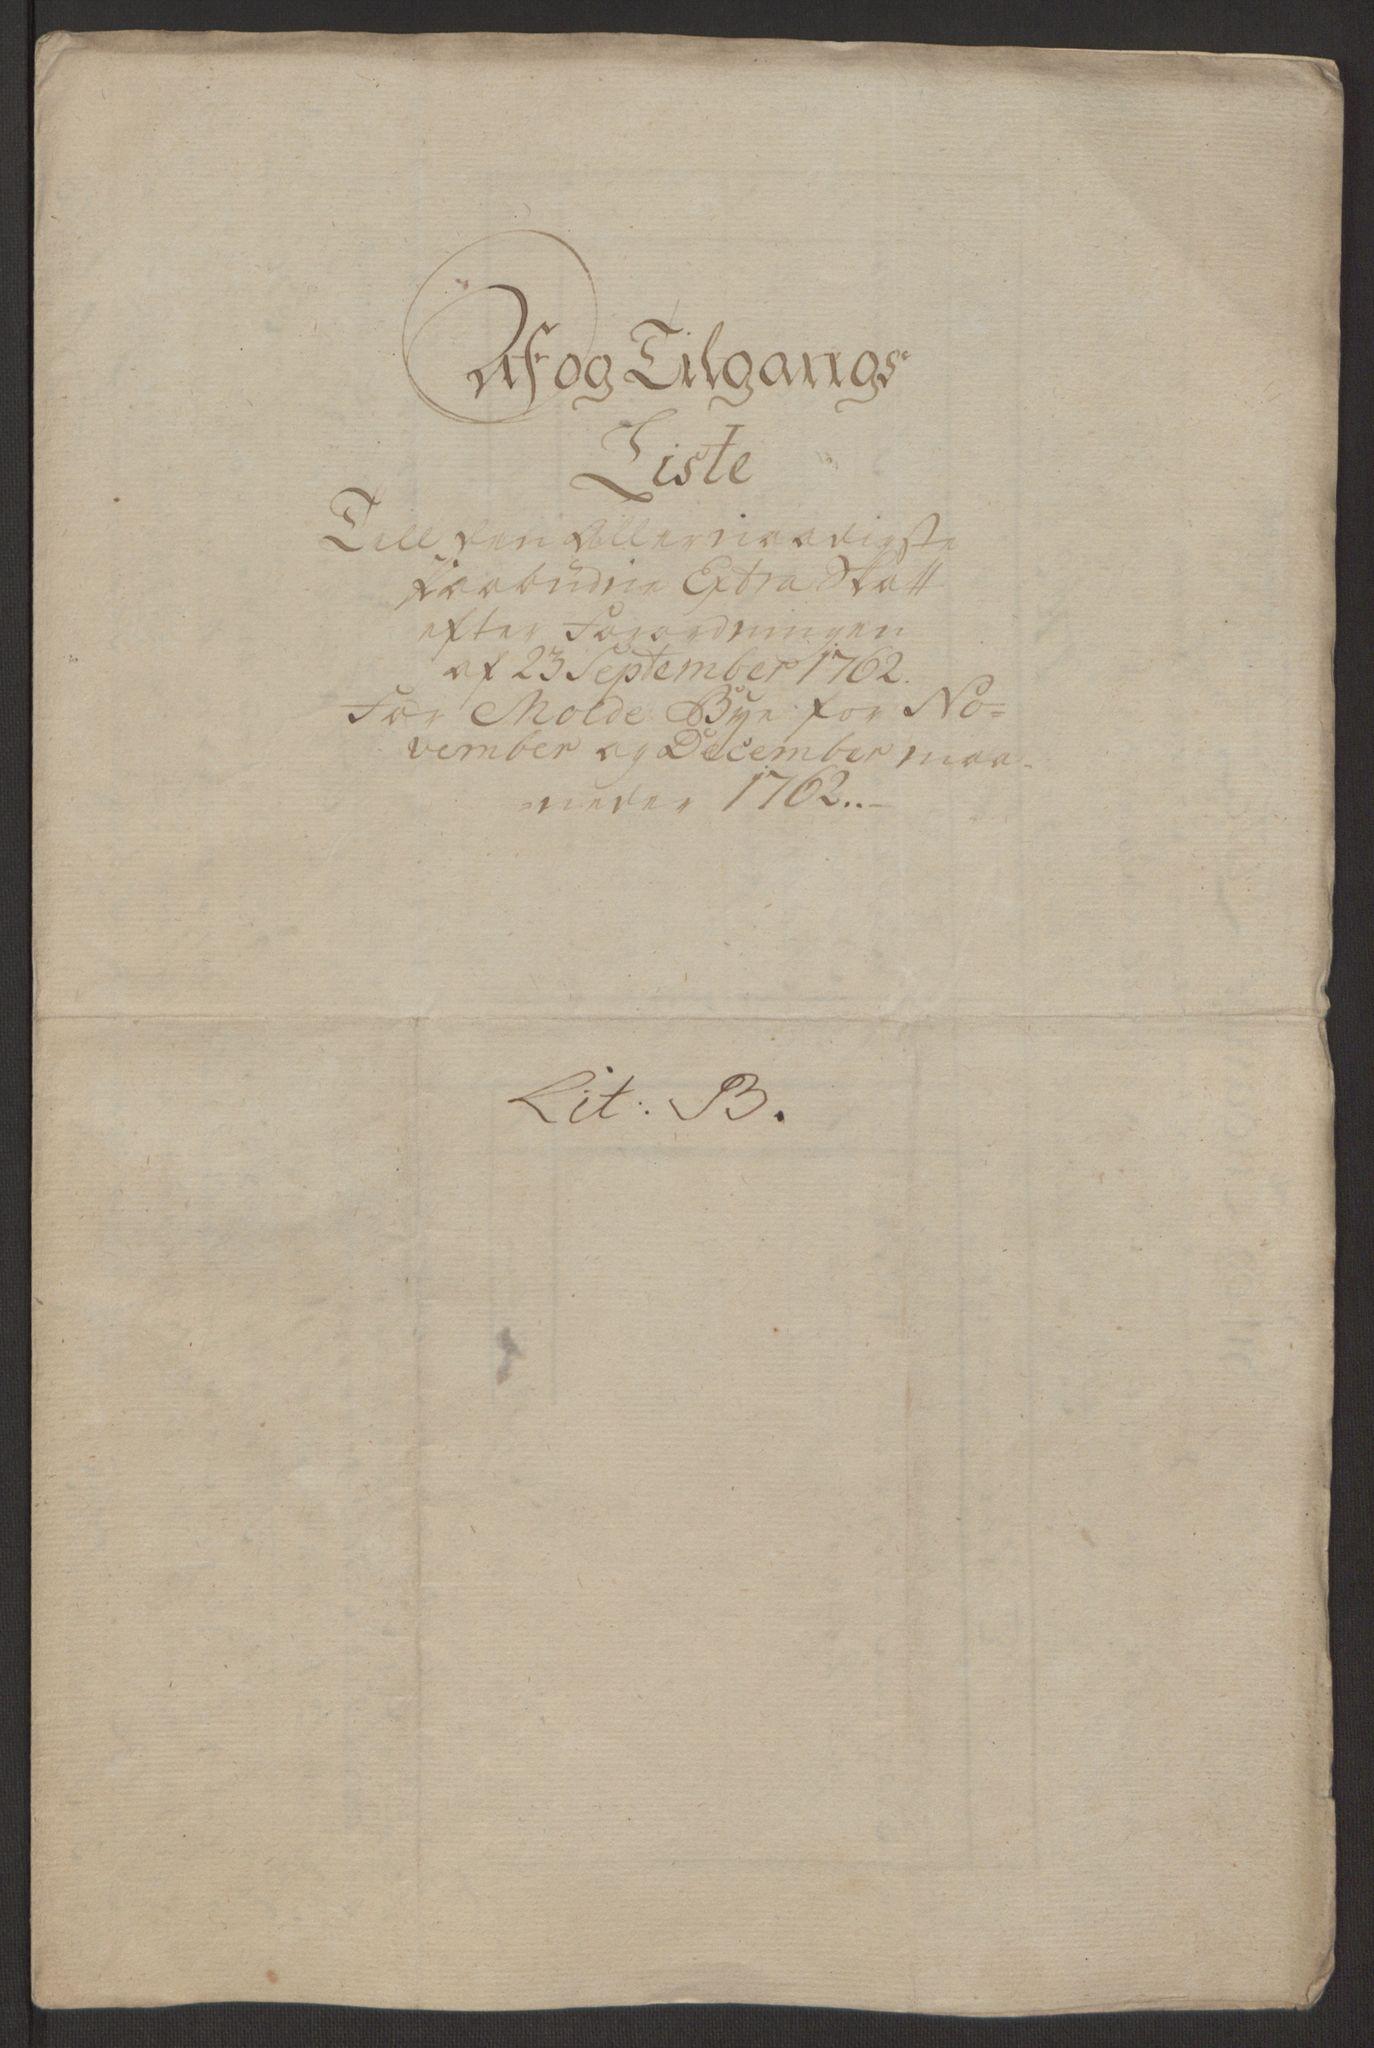 RA, Rentekammeret inntil 1814, Reviderte regnskaper, Byregnskaper, R/Rq/L0487: [Q1] Kontribusjonsregnskap, 1762-1772, s. 29